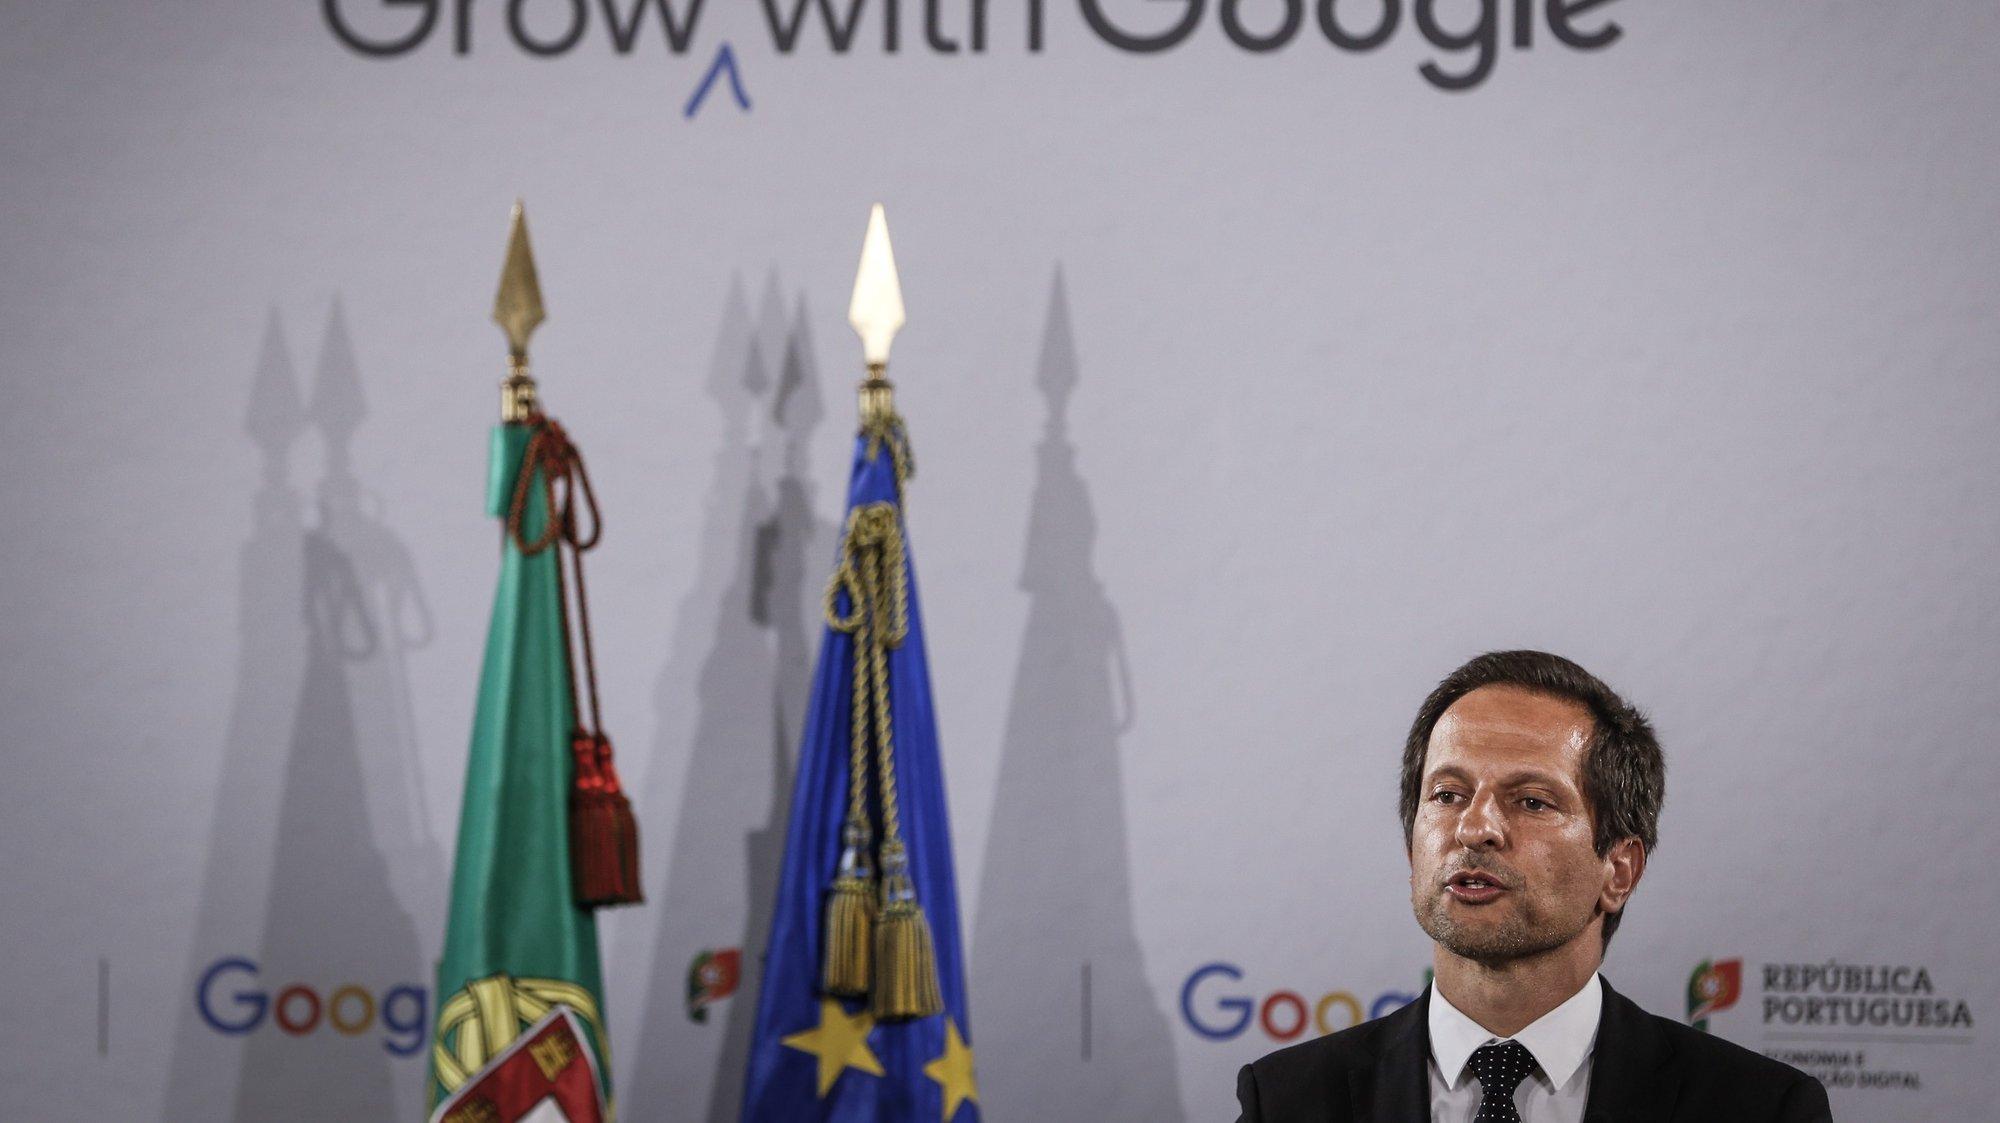 O secretario de Estado, para a Transição Digital, Andre de Aragão Azevedo, discursa durante a cerimonia de assinatura do memorando de entendimento entre o Governo de Portugal e a Google Portugal, no Ministério da Economia, em Lisboa, 29 de setembro de 2020. RODRIGO ANTUNES/LUSA